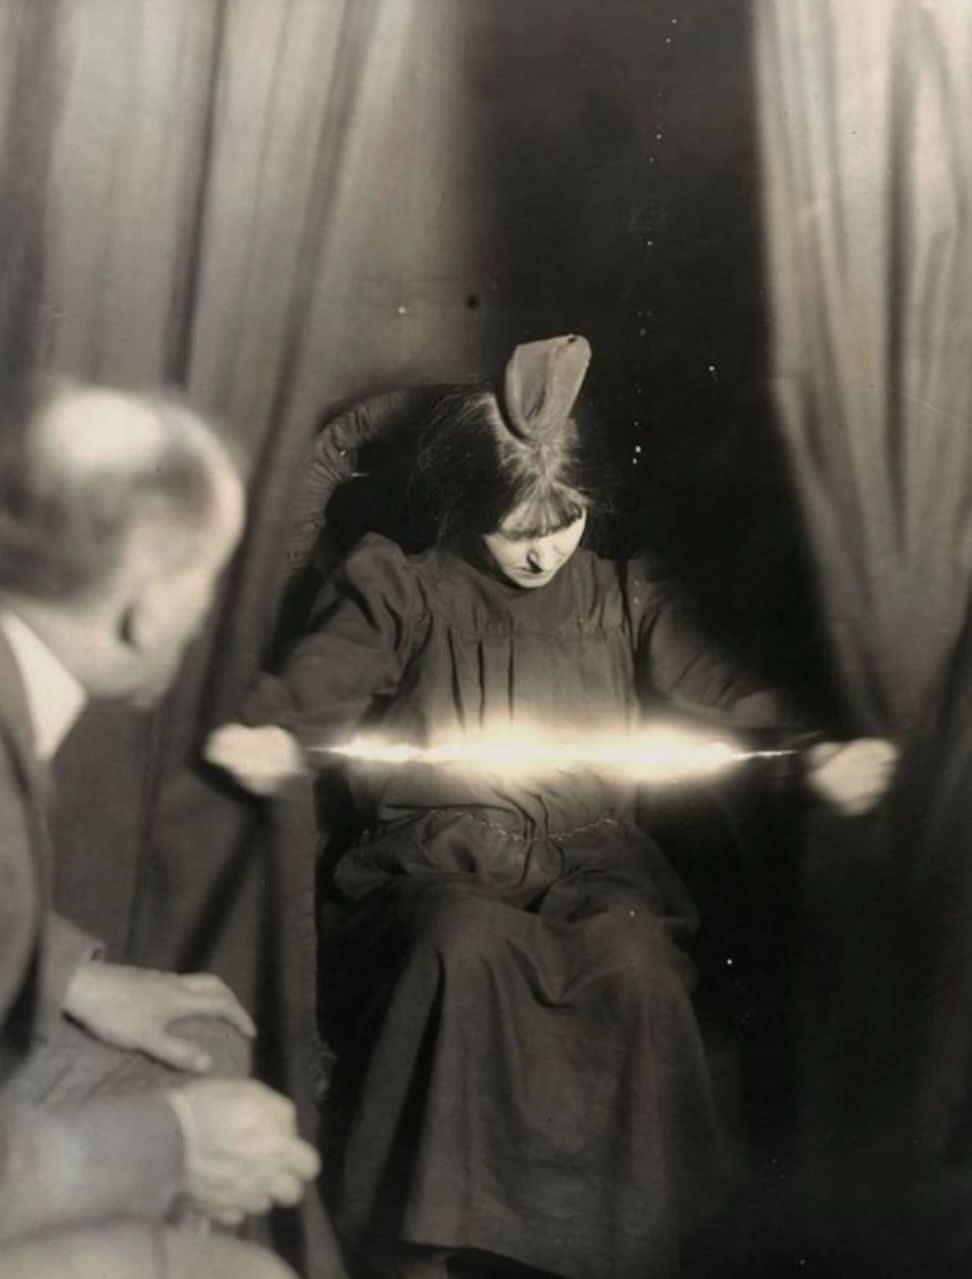 15 عکس عجیب و وحشتناک که در تاریخ ثبت شدند بی آنکه حقایقشان کشف شود